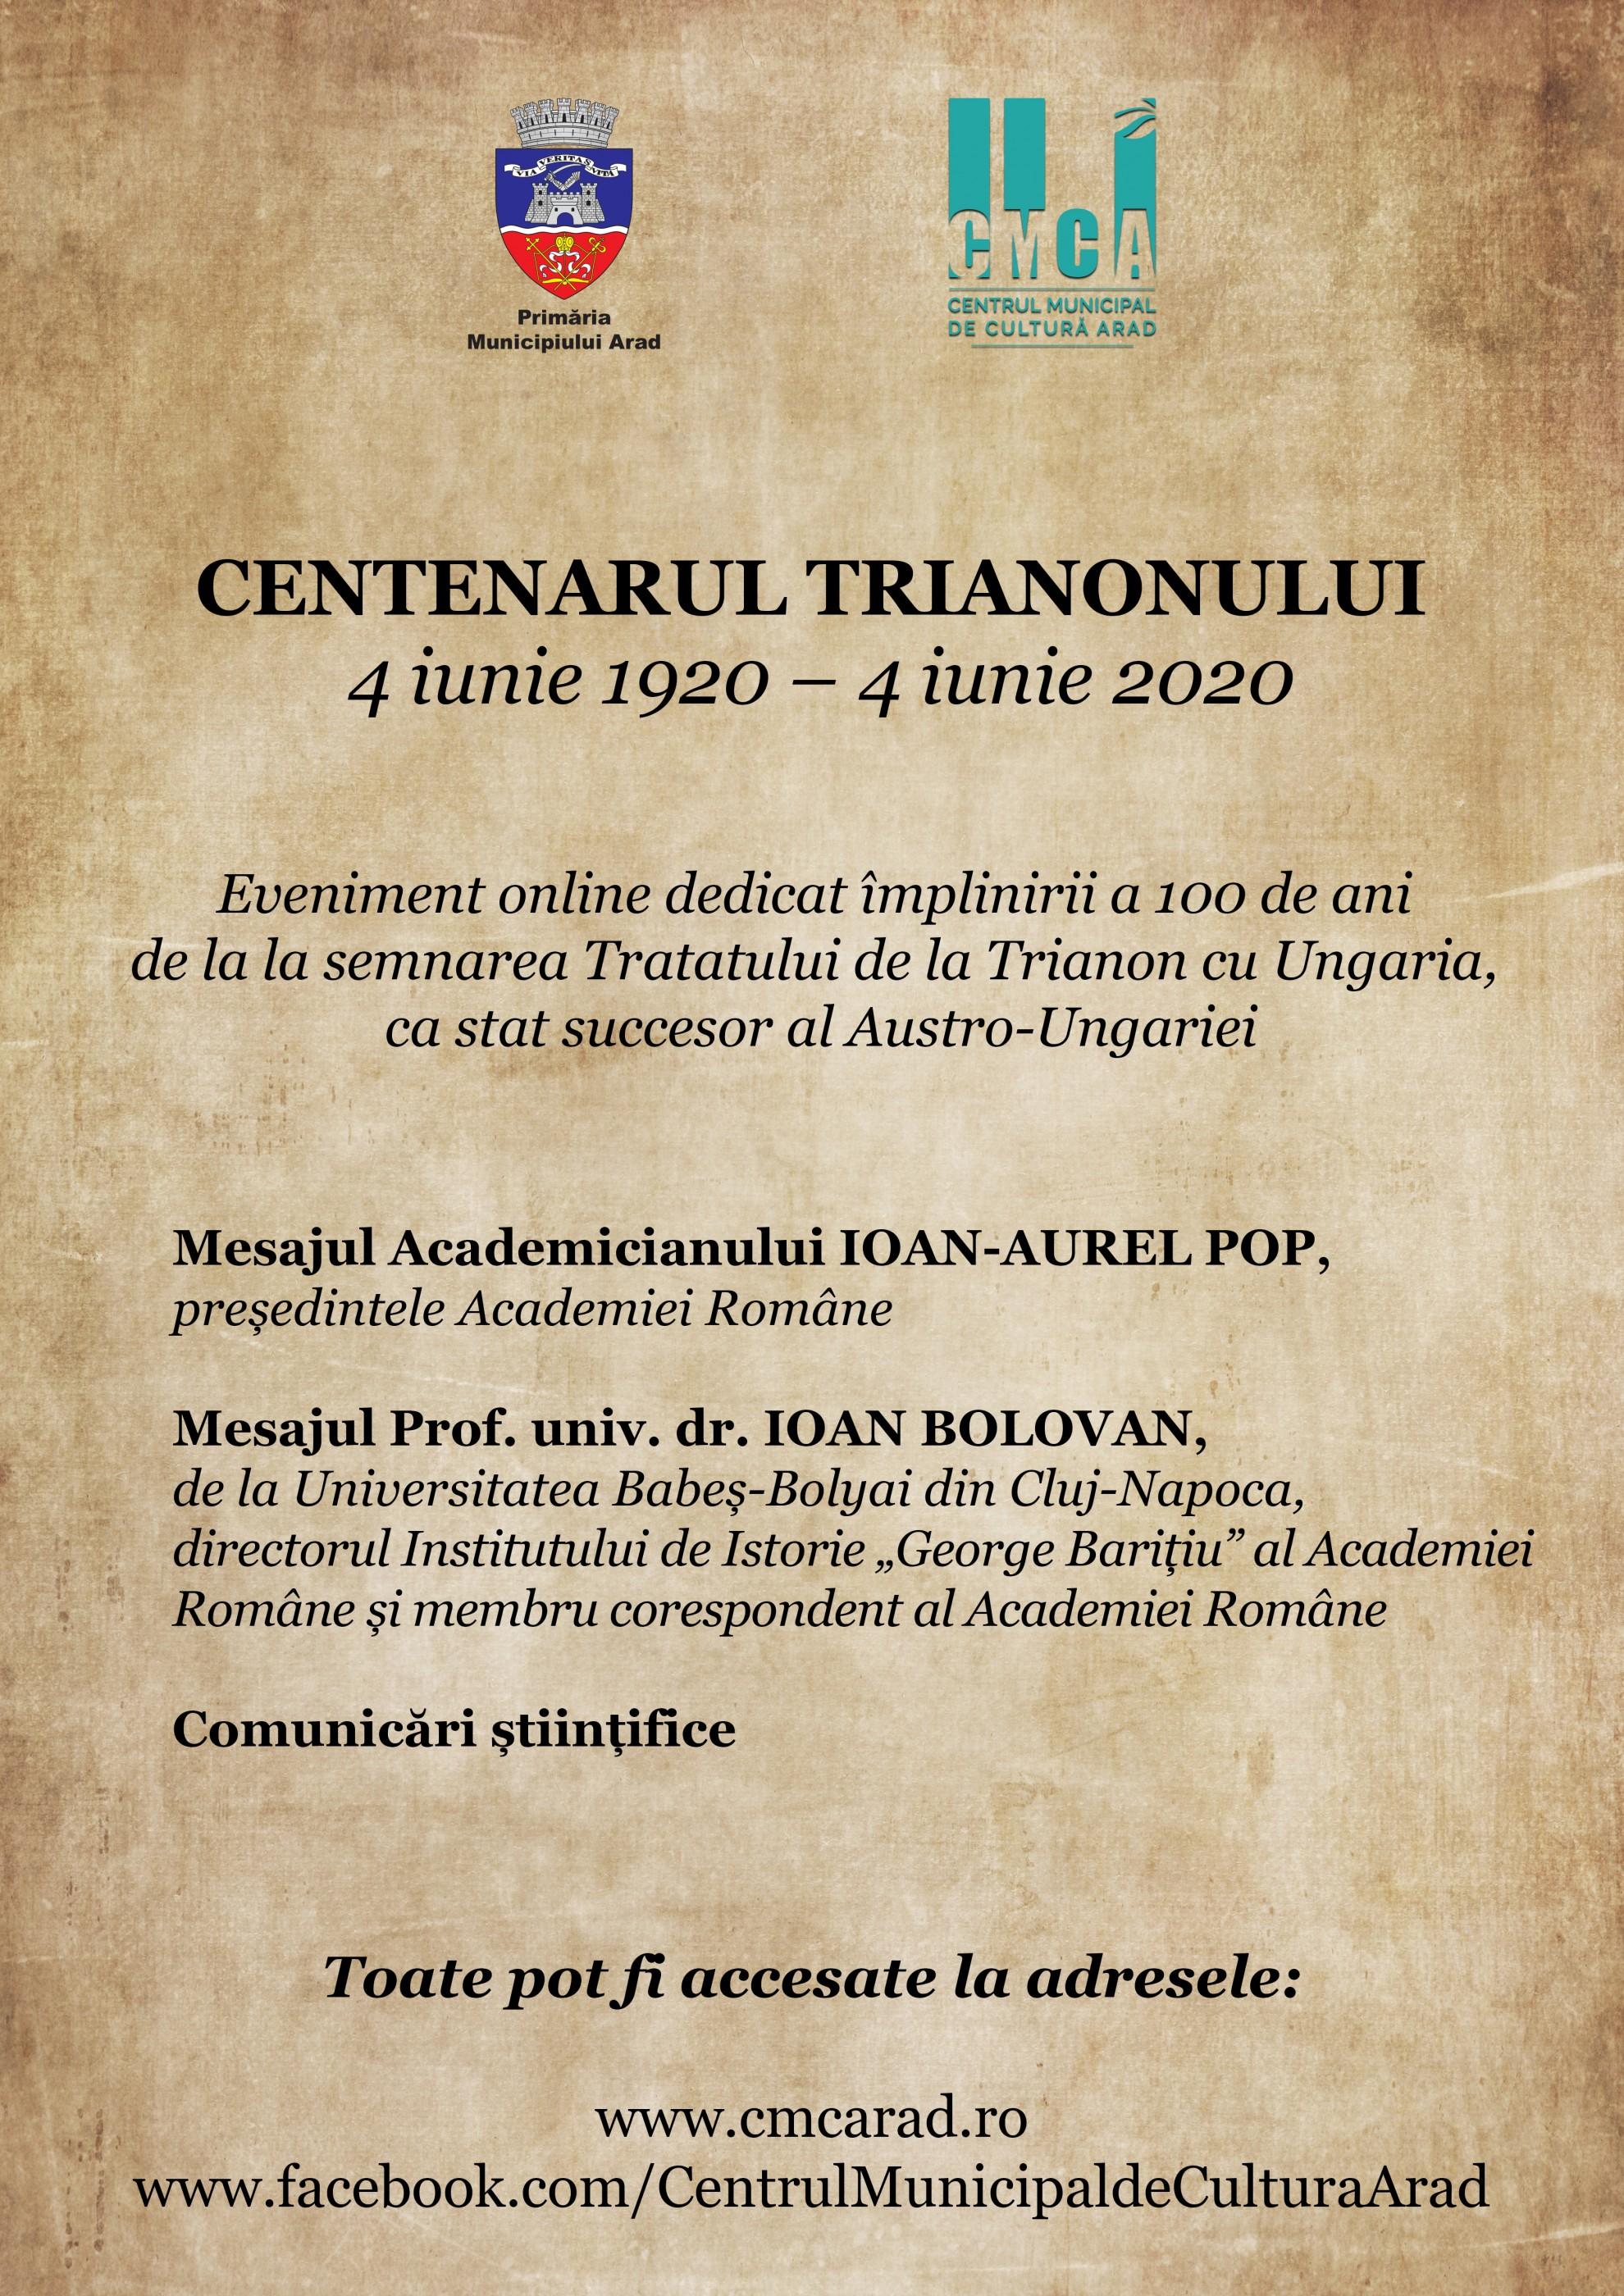 CENTENARUL TRIANONULUI (4 iunie 1920 – 4 iunie 2020) EVENIMENT ONLINE